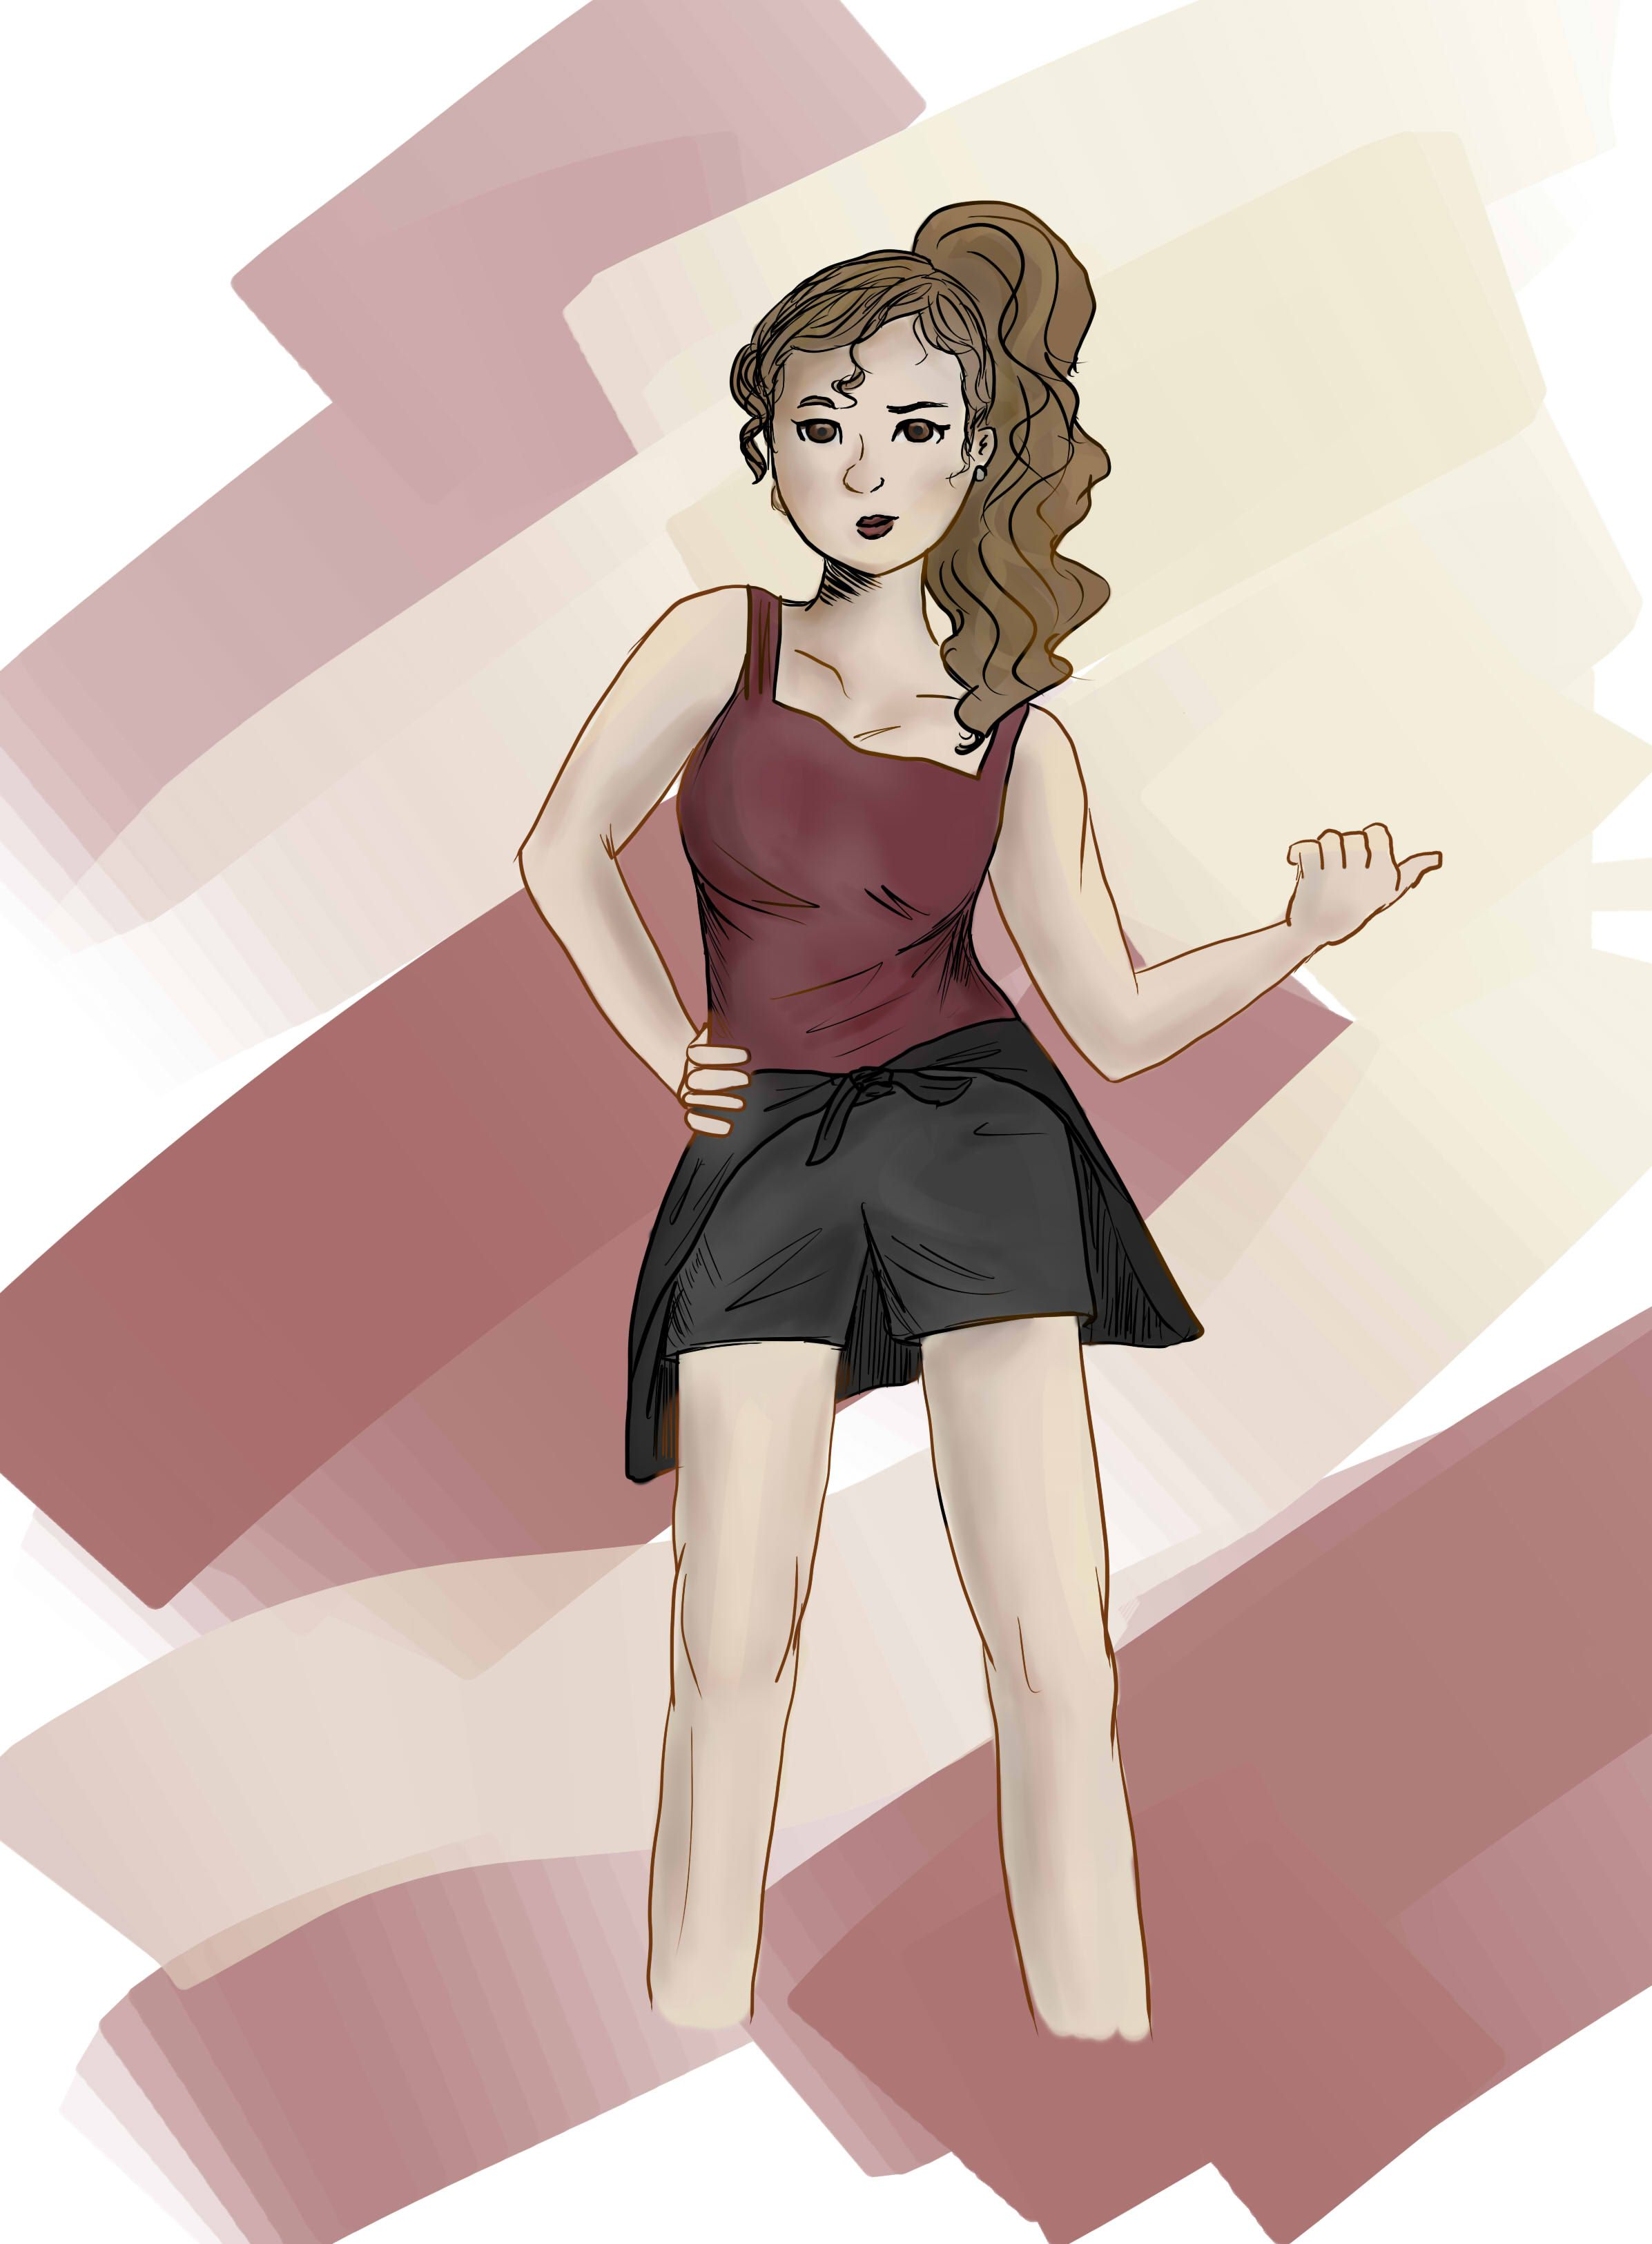 Sassy Dancer